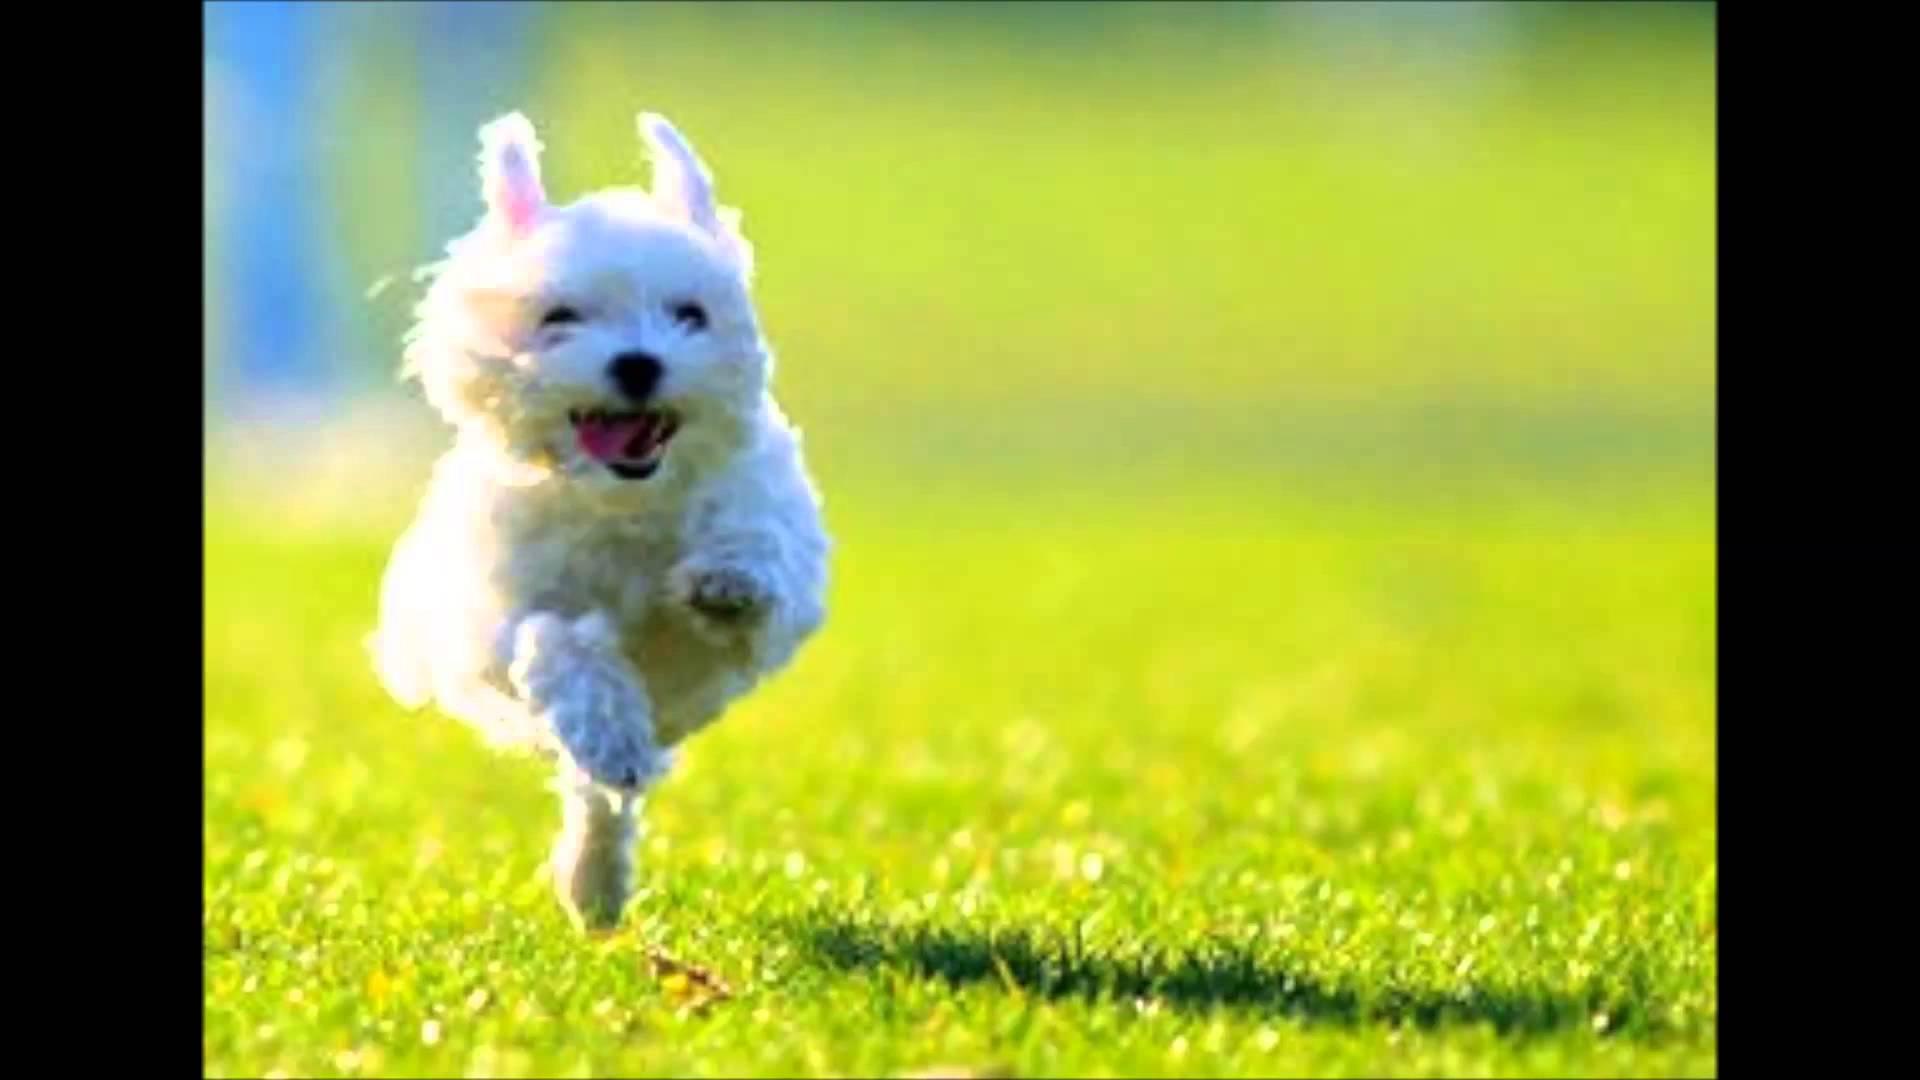 空飛ぶ犬の飛行犬画像 可愛すぎる…!空とぶ犬『飛行犬』が大人気